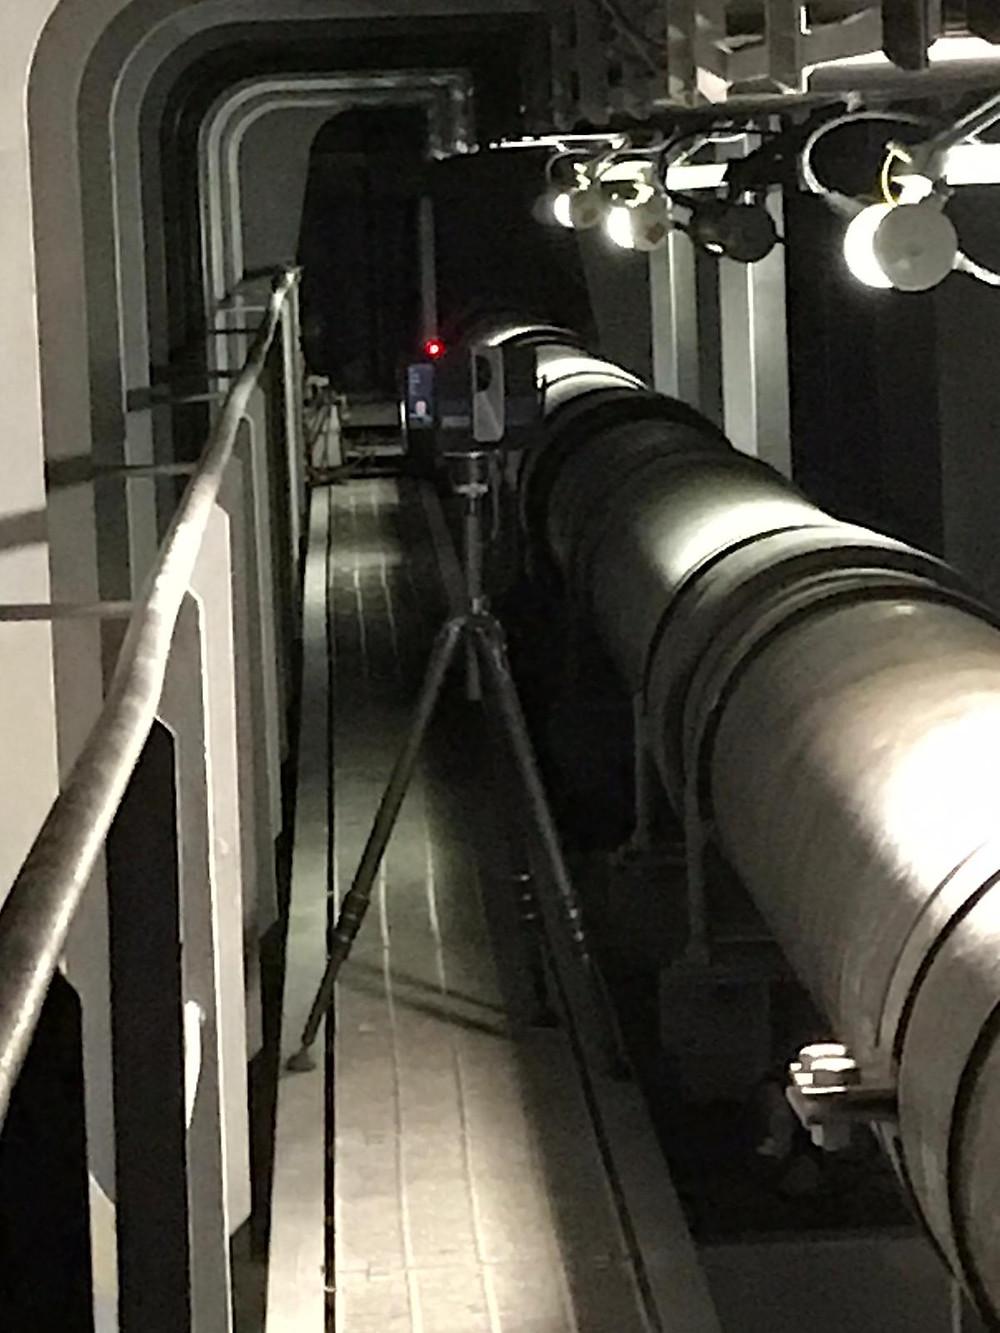 Nanal laser scanning - Europe - Spain